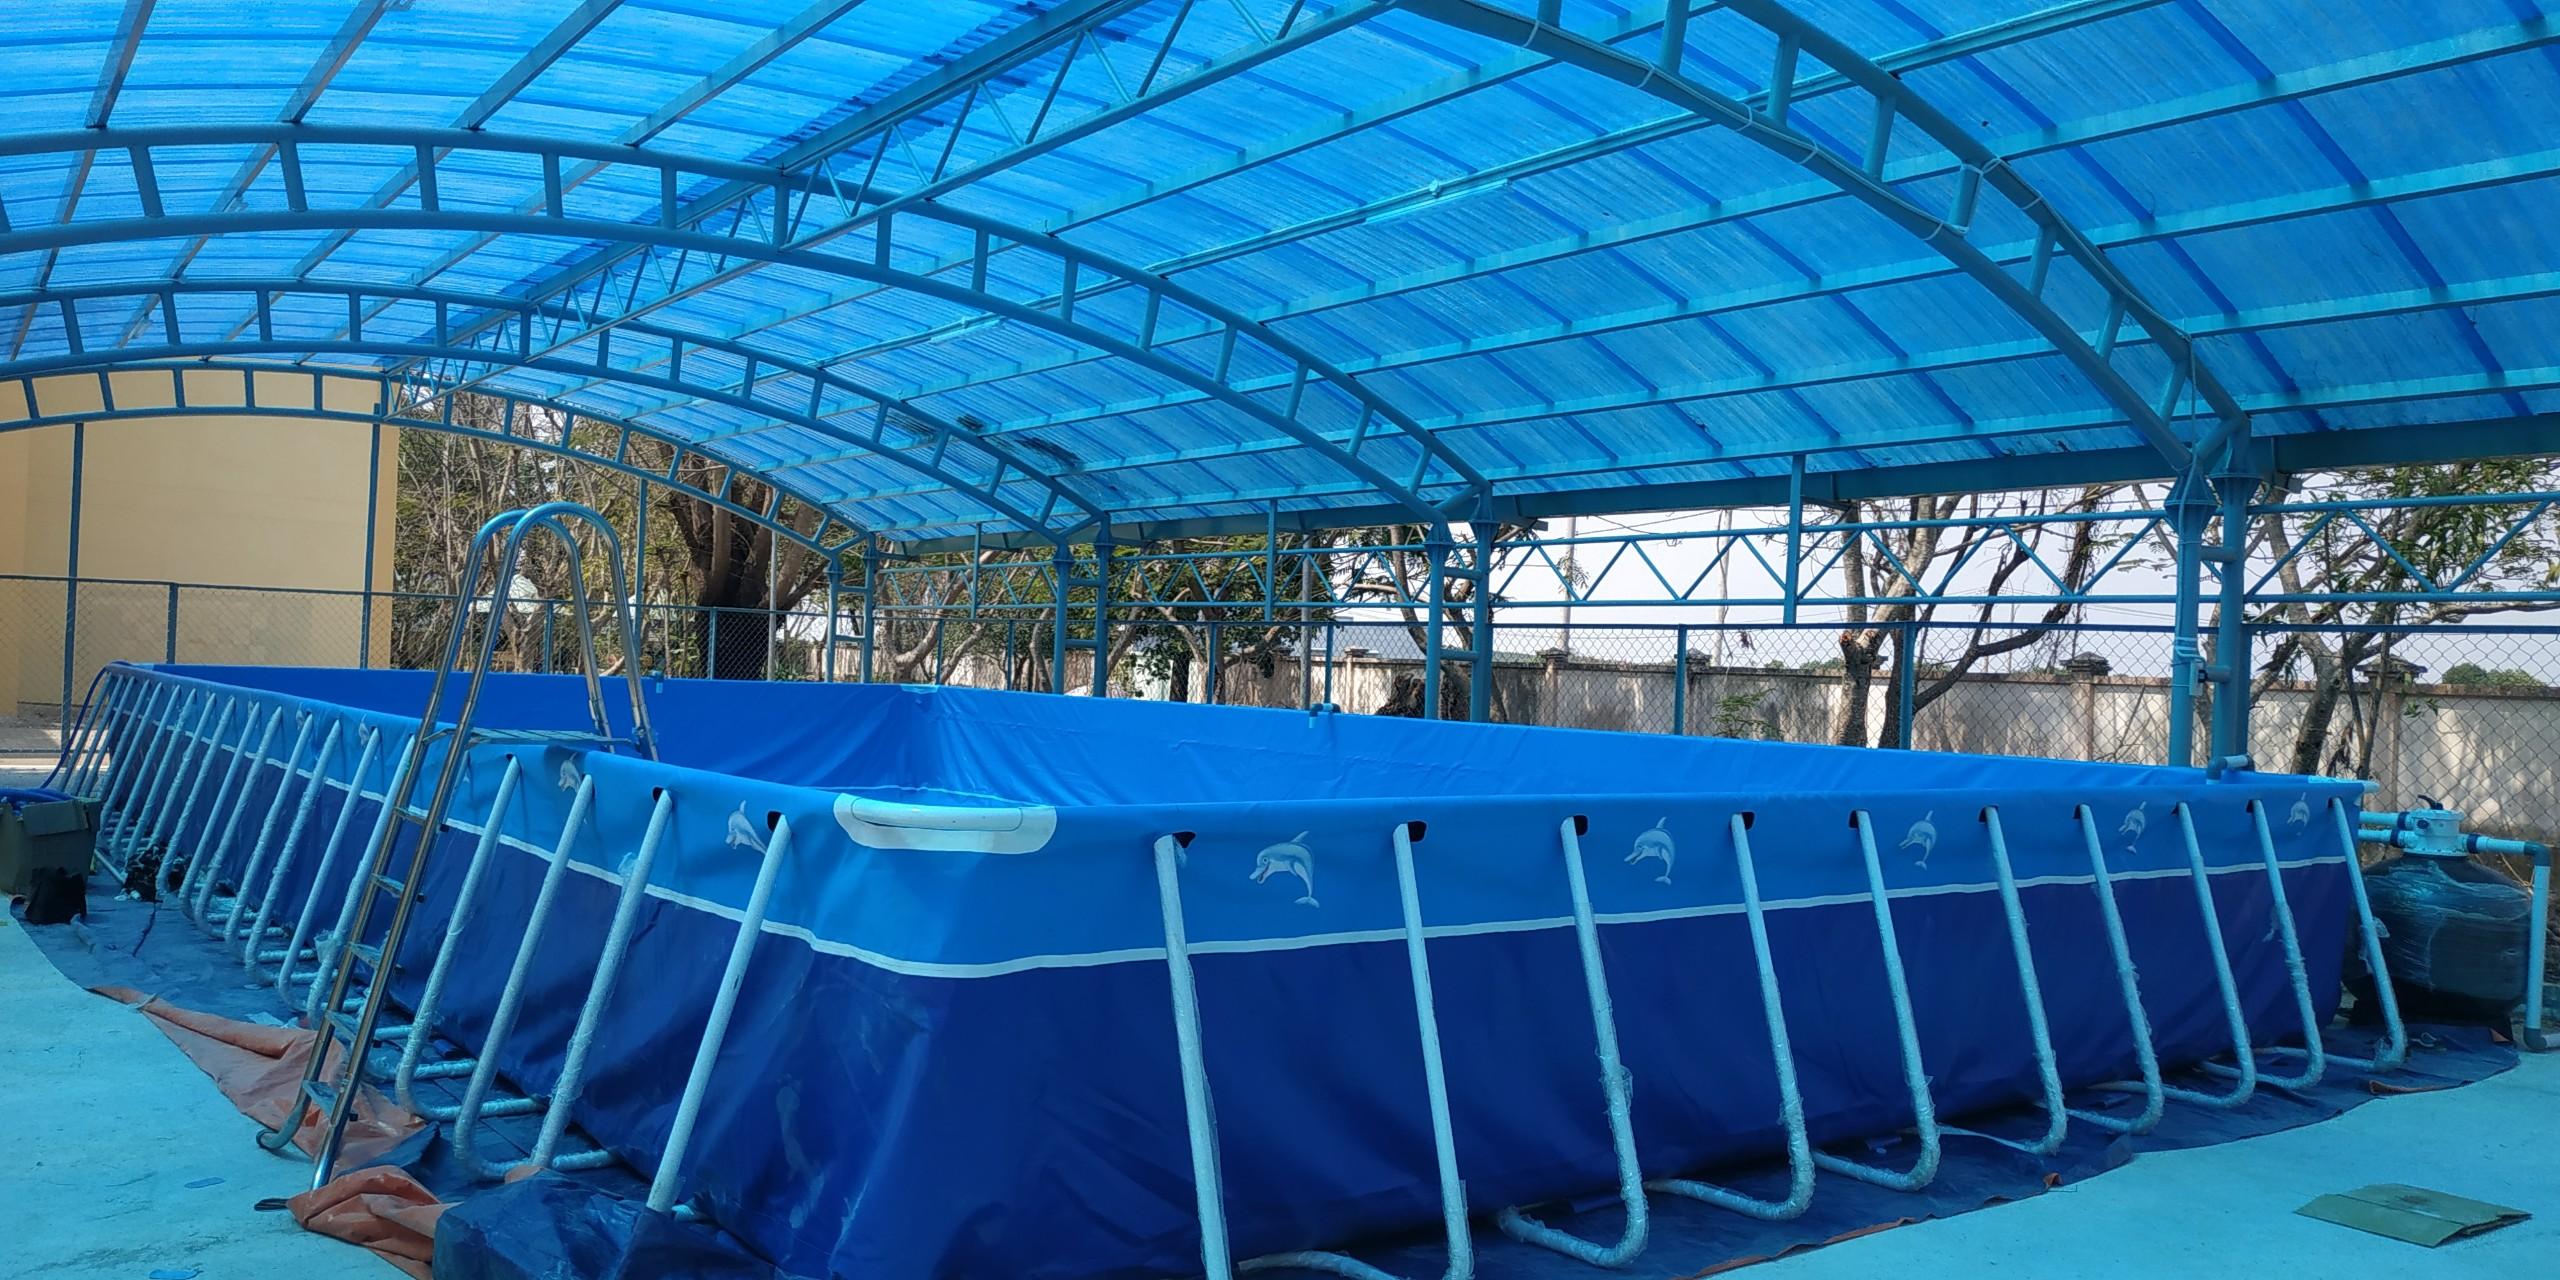 Bể Bơi Di Động Lắp Ghép Tại Cao Bằng Hoạt Động Từ 2019 Đến Này 19